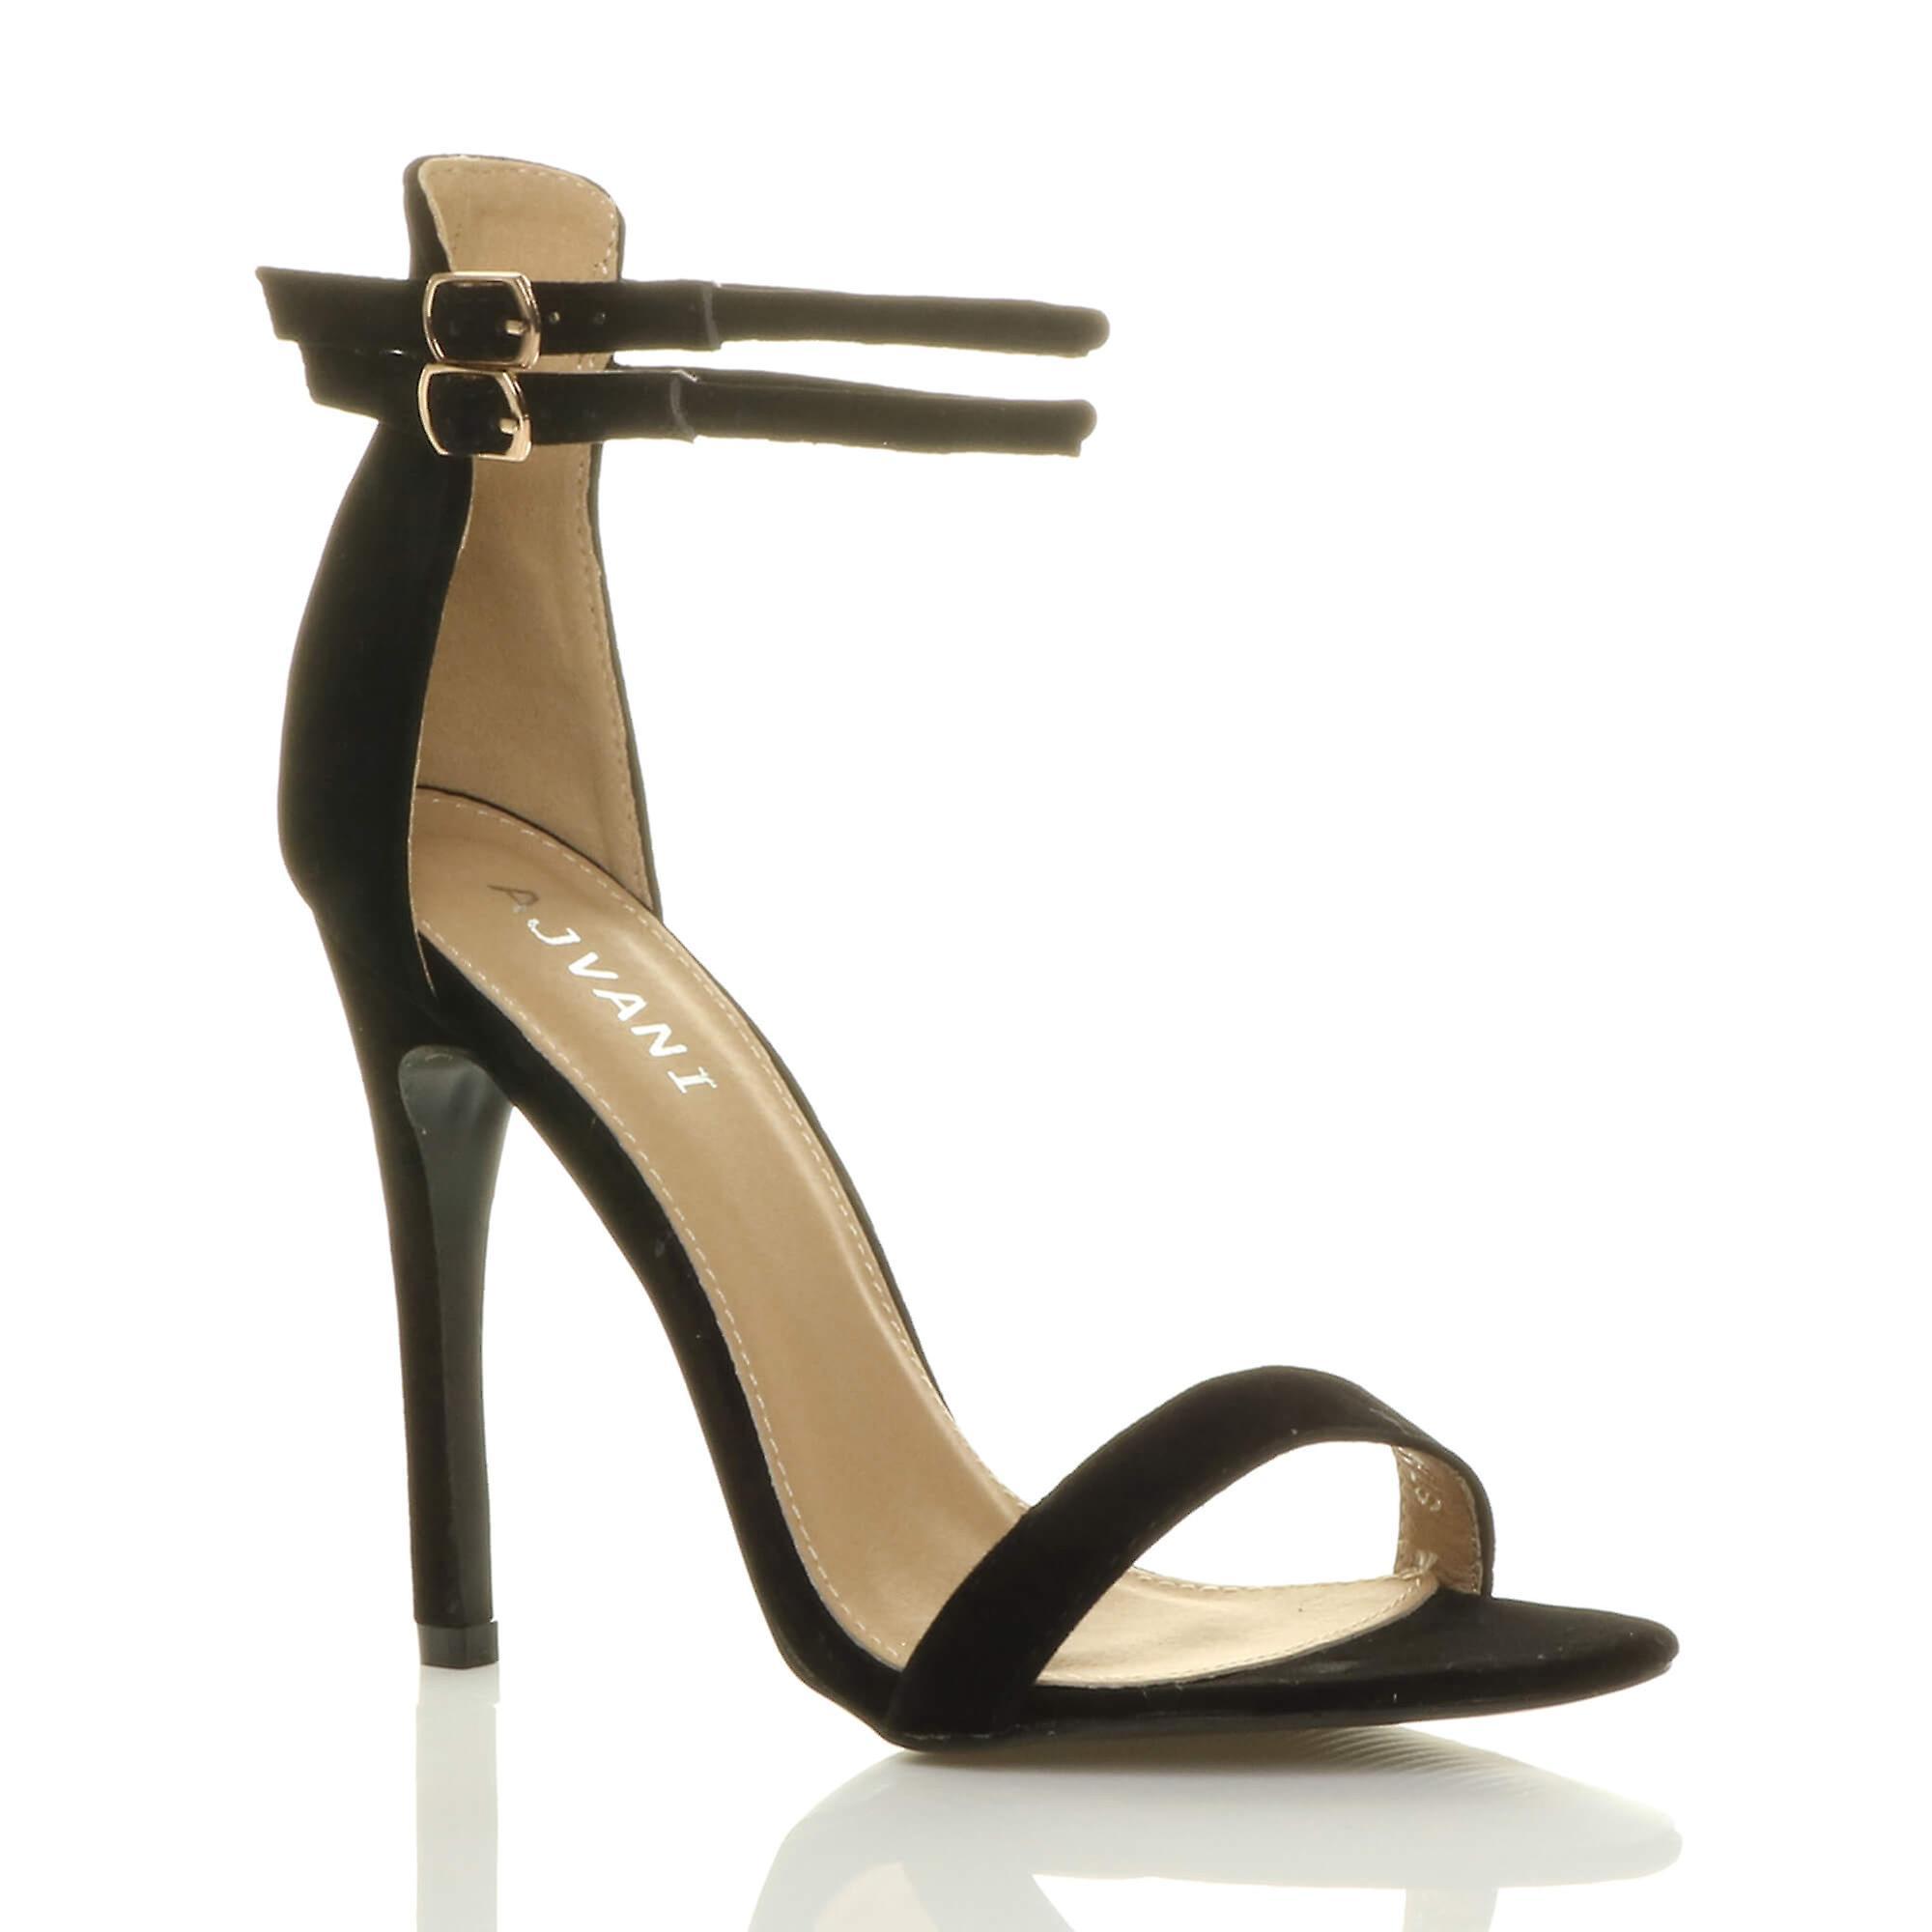 Ajvani damskie wysokie szpilki ledwo tam podwójny pasek klamra stroną sandały buty 9BJIZ